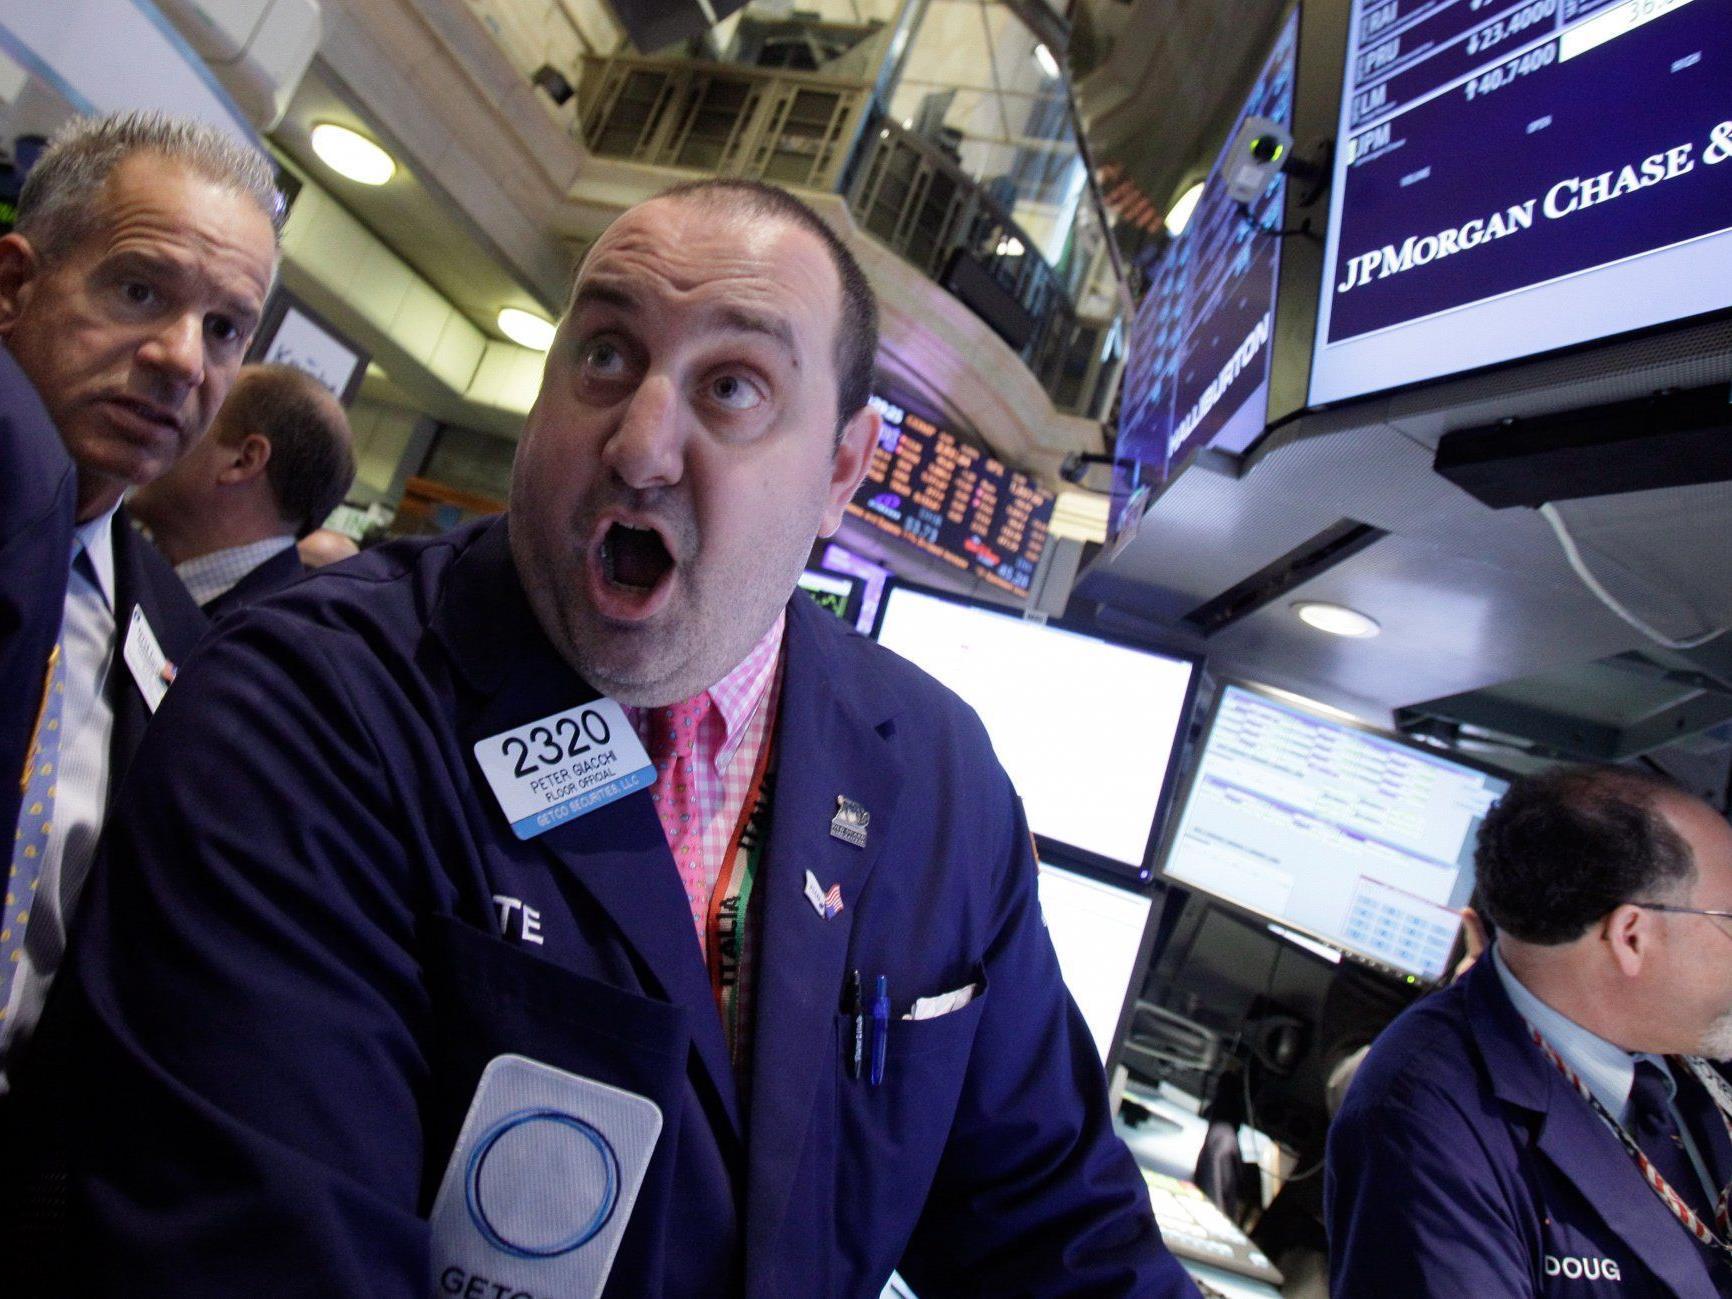 Beobachter sehen im Fall von JPMorgan Versäumnisse beim Risikomanagement.